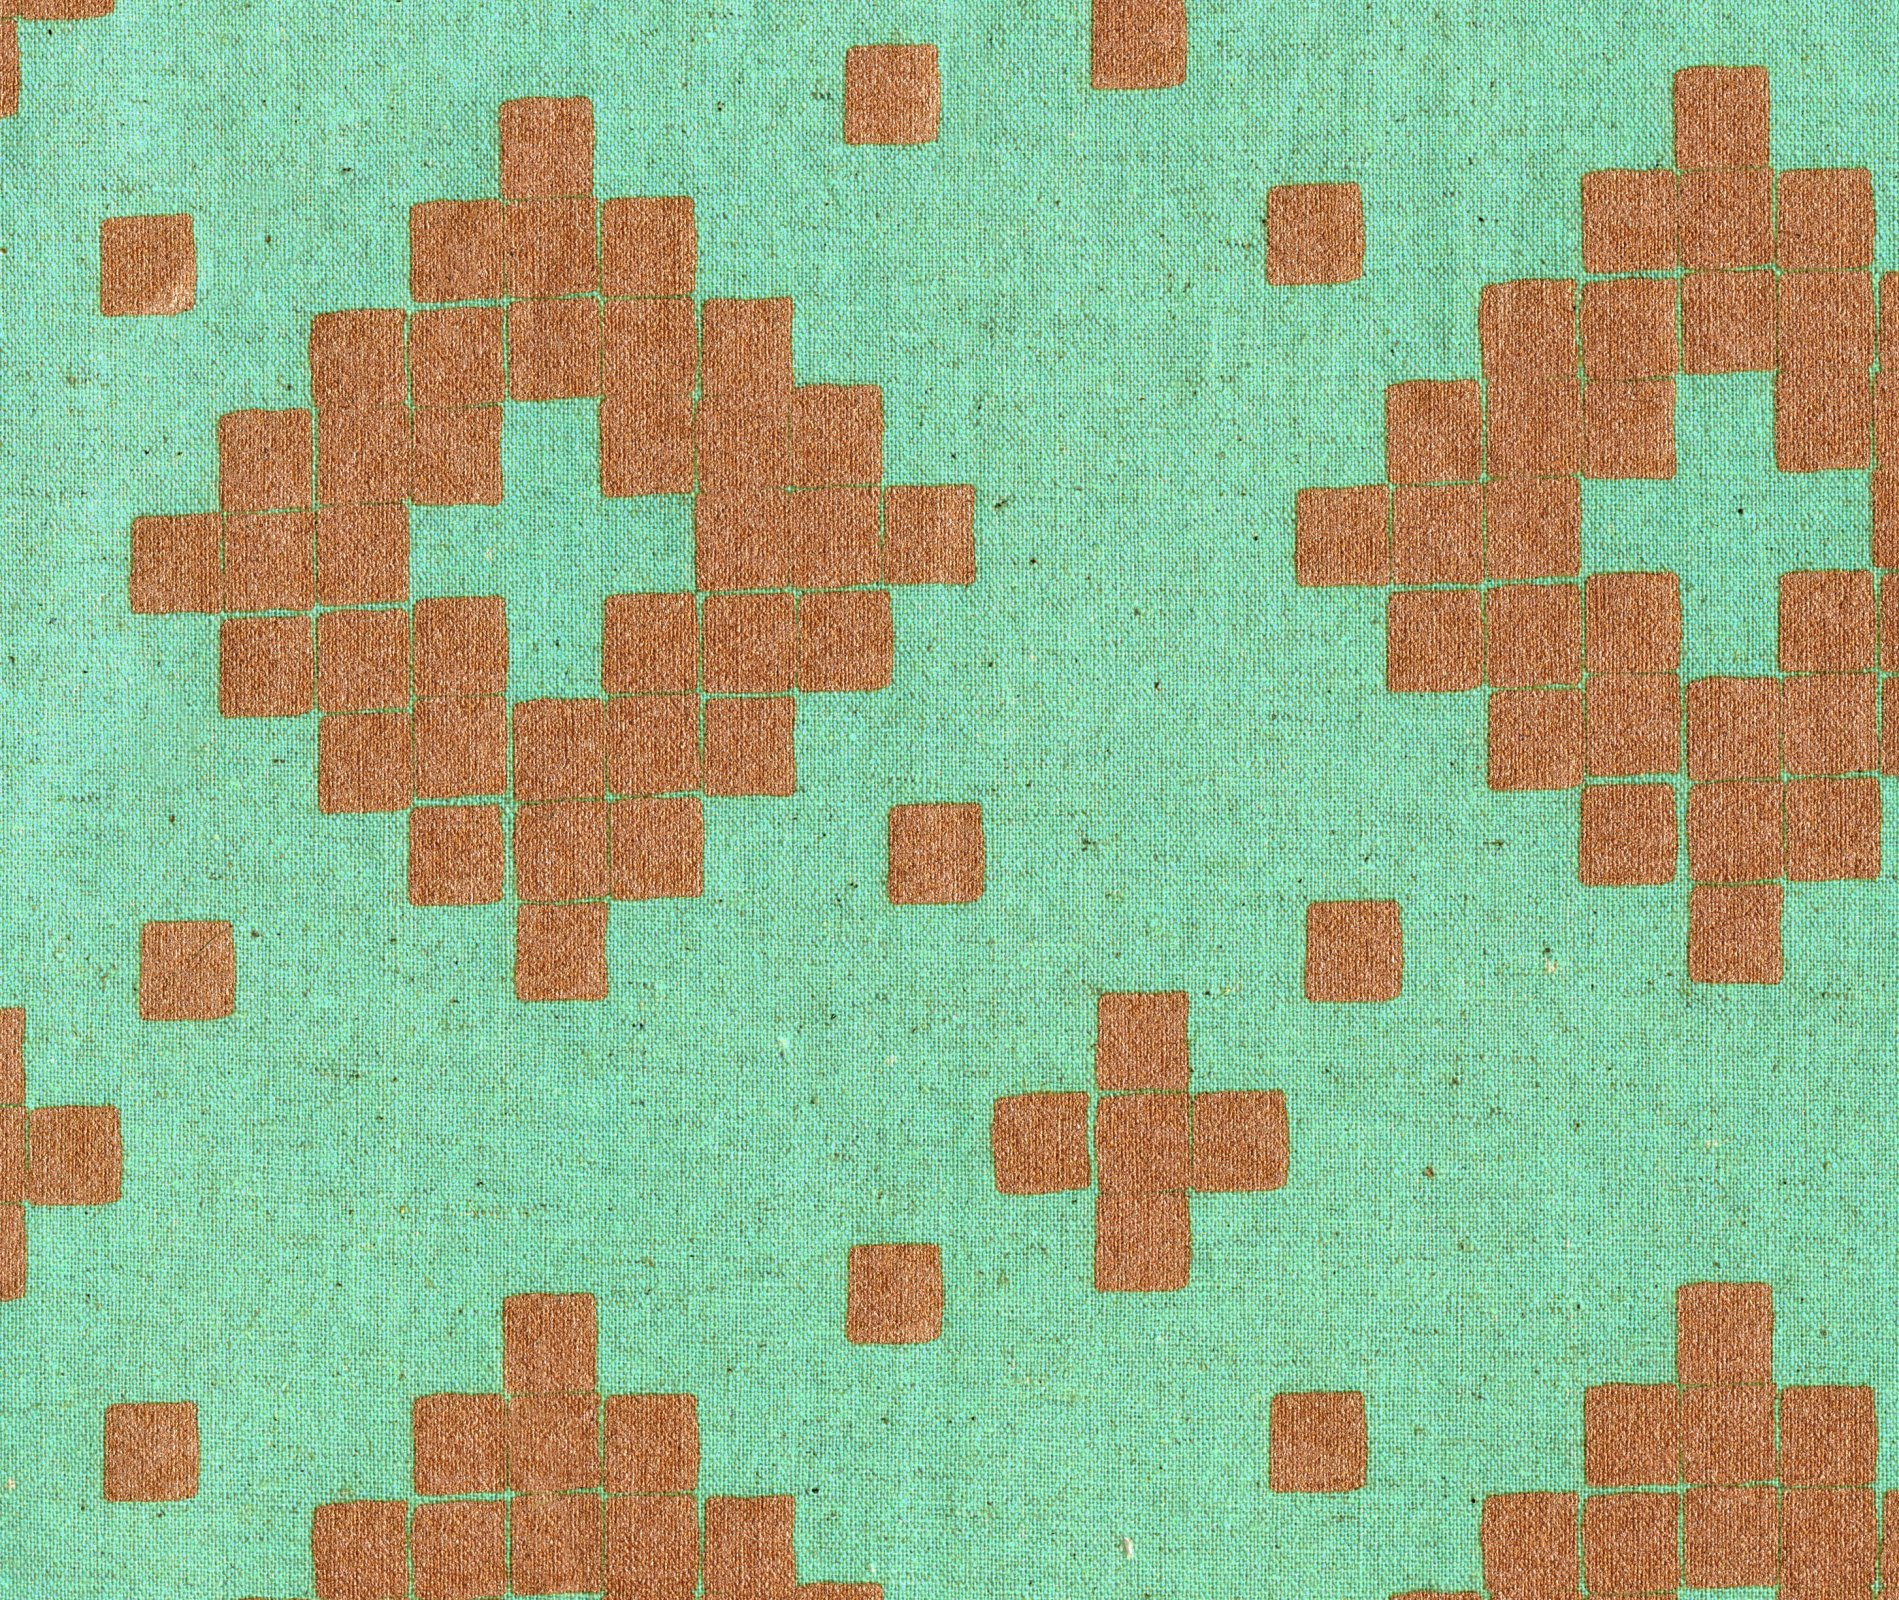 Mesa - Tile - Aqua Canvas Metallic Copper Fabric